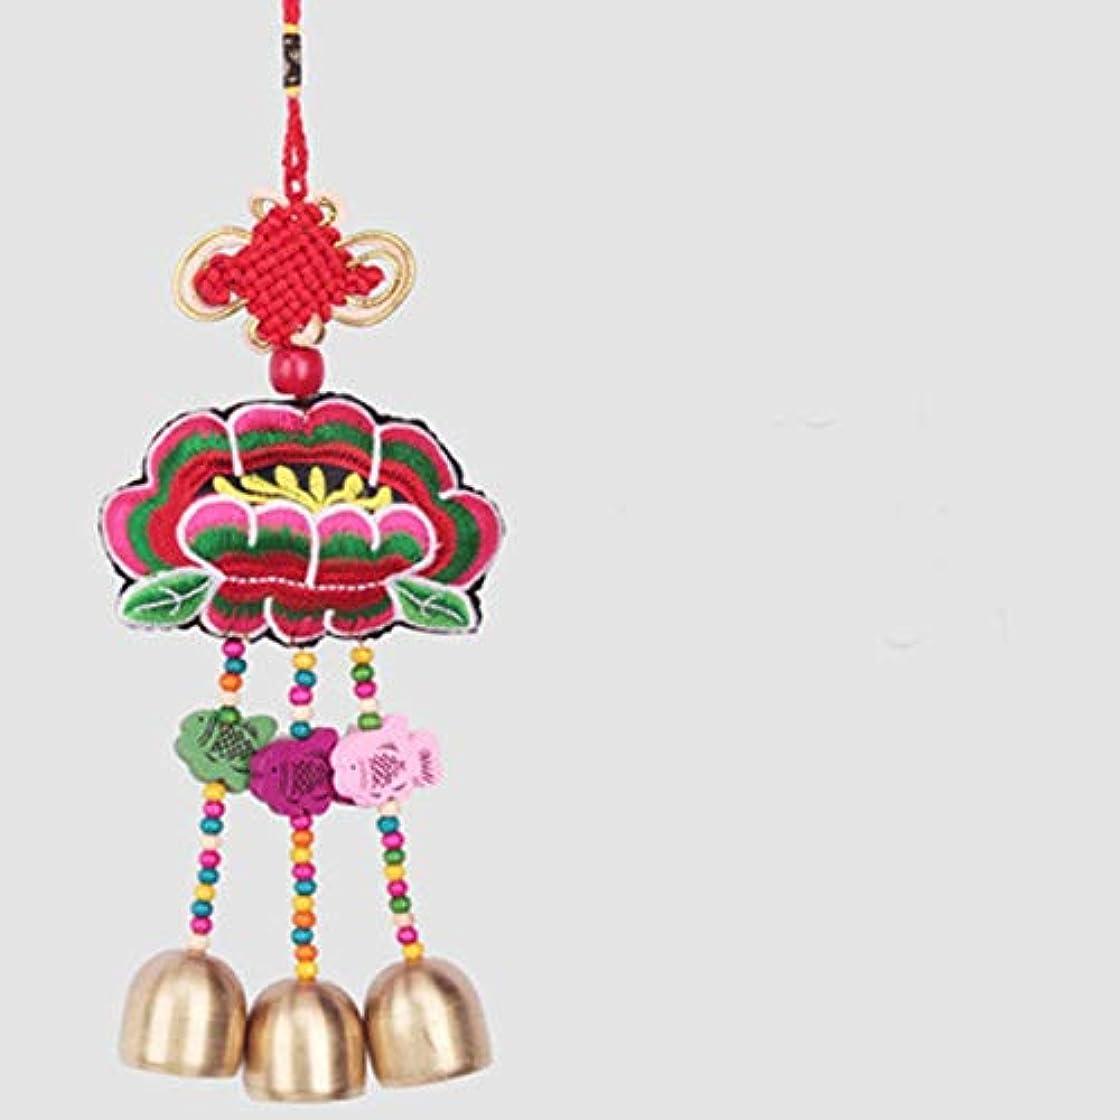 リーズ姓アフリカ人Yougou01 Small Wind Chimes、中華風刺繍工芸品、14スタイル、ワンピース 、創造的な装飾 (Color : 7)